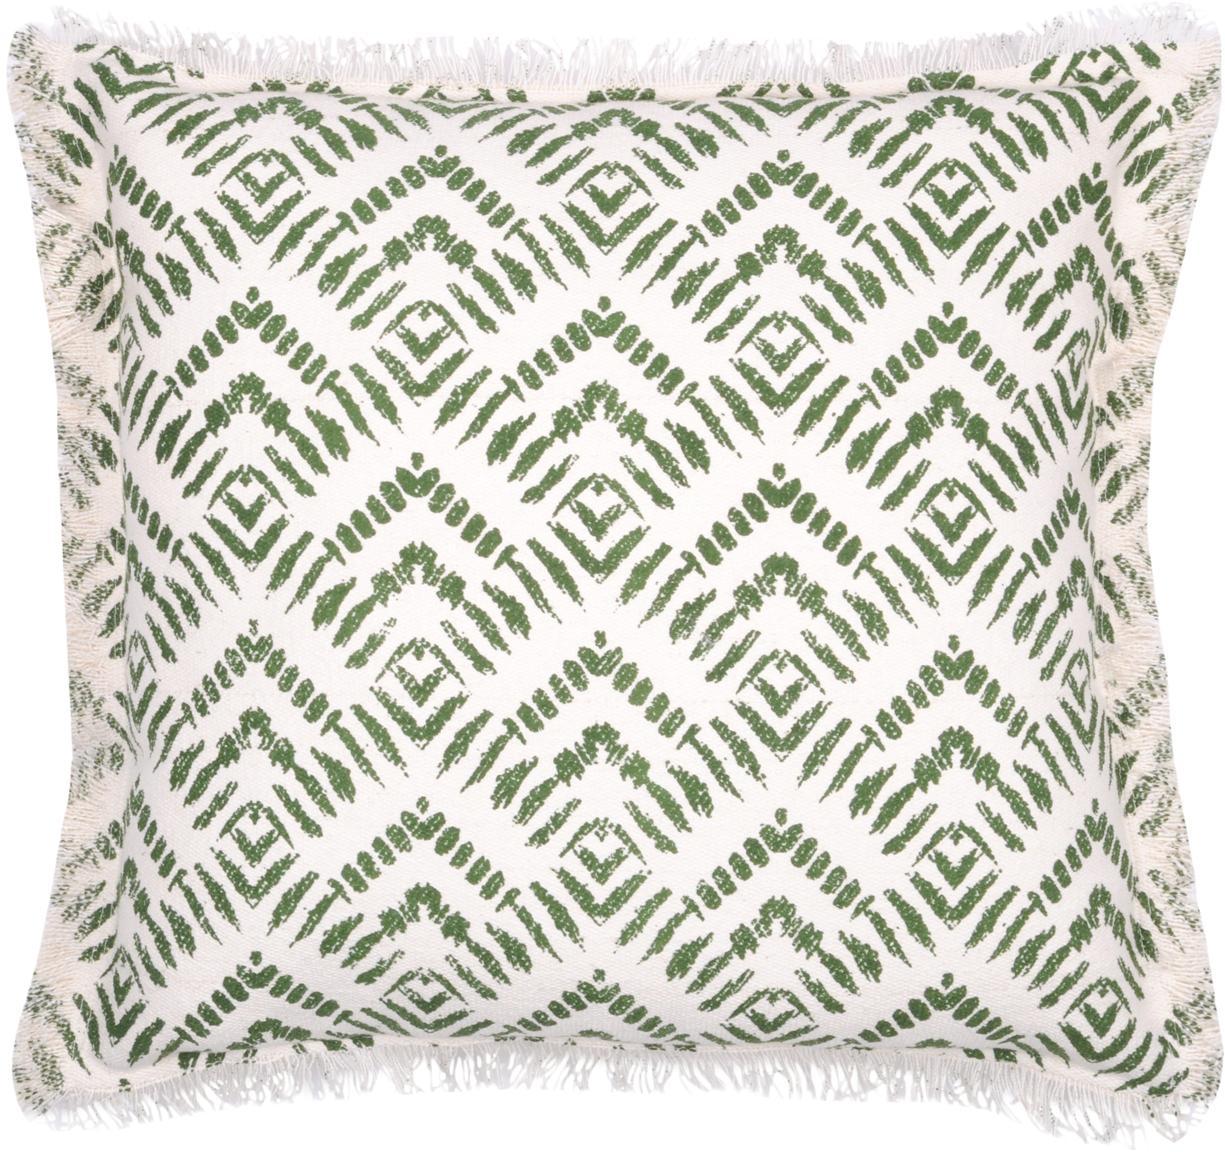 Gemustertes Kissen Sudda, mit Inlett, 100% Baumwolle, Gebrochenes Weiß, Grün, 45 x 45 cm